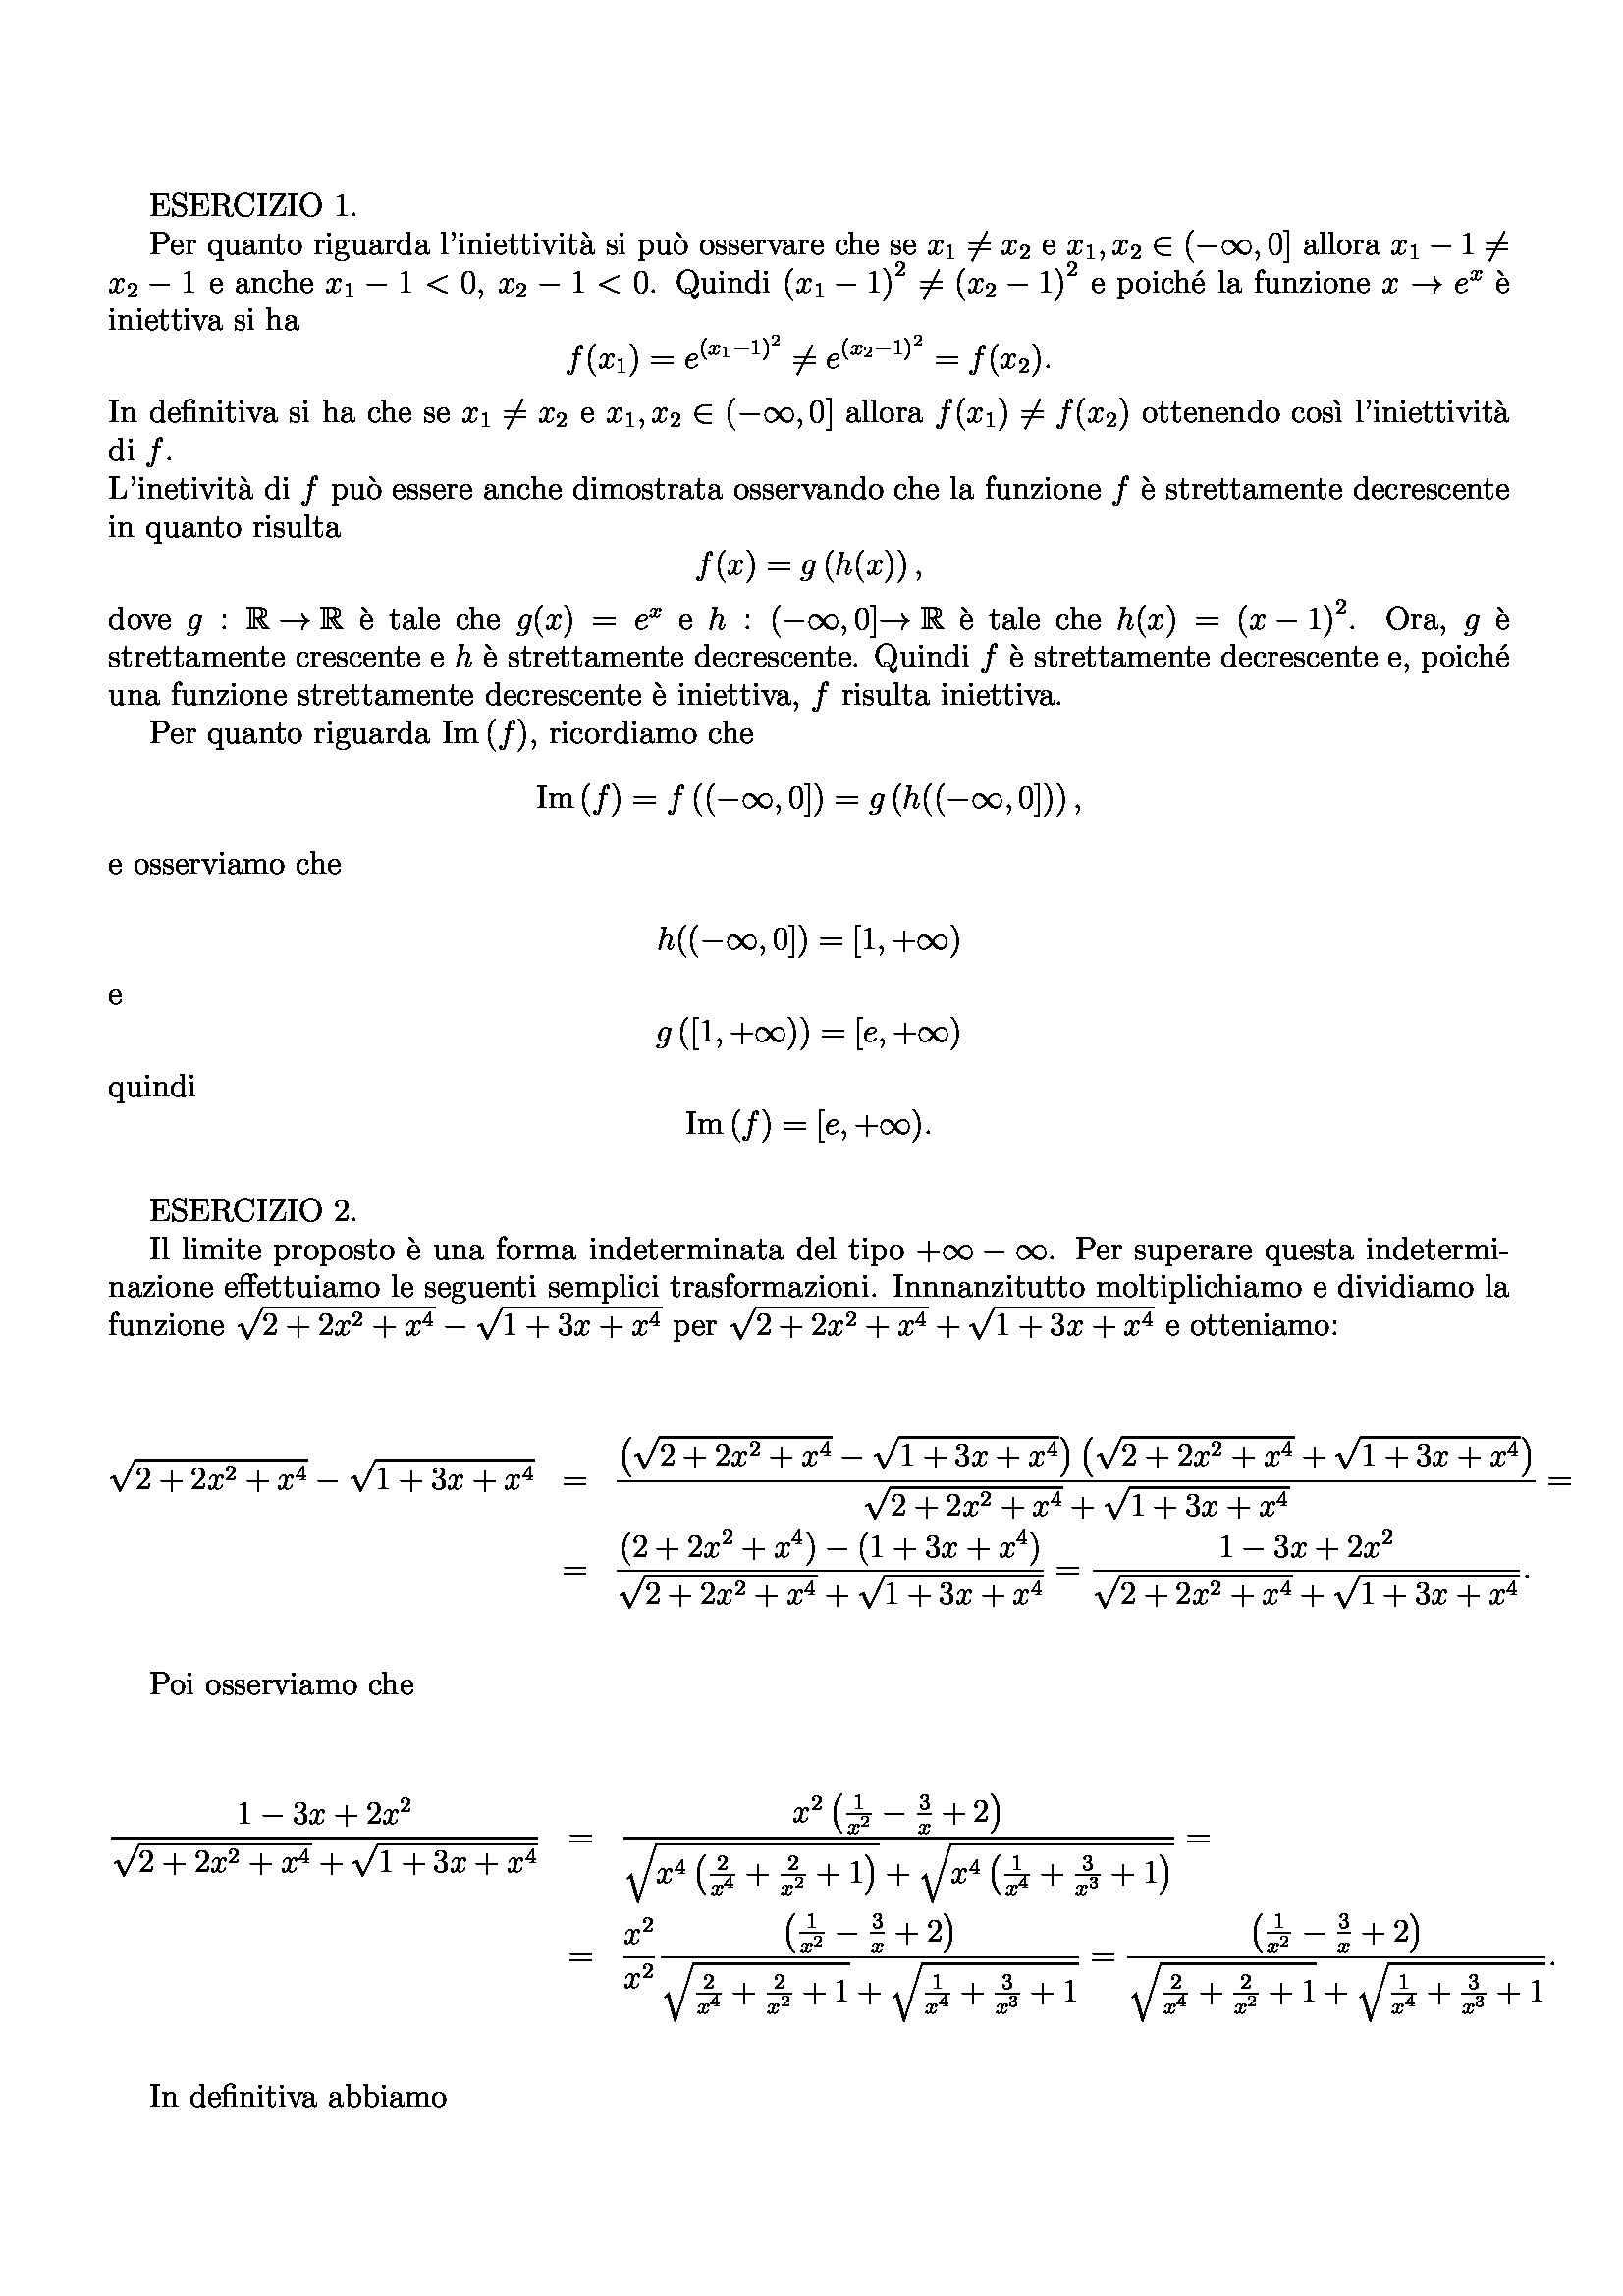 Matematica per le applicazioni economiche - esercizi Pag. 31